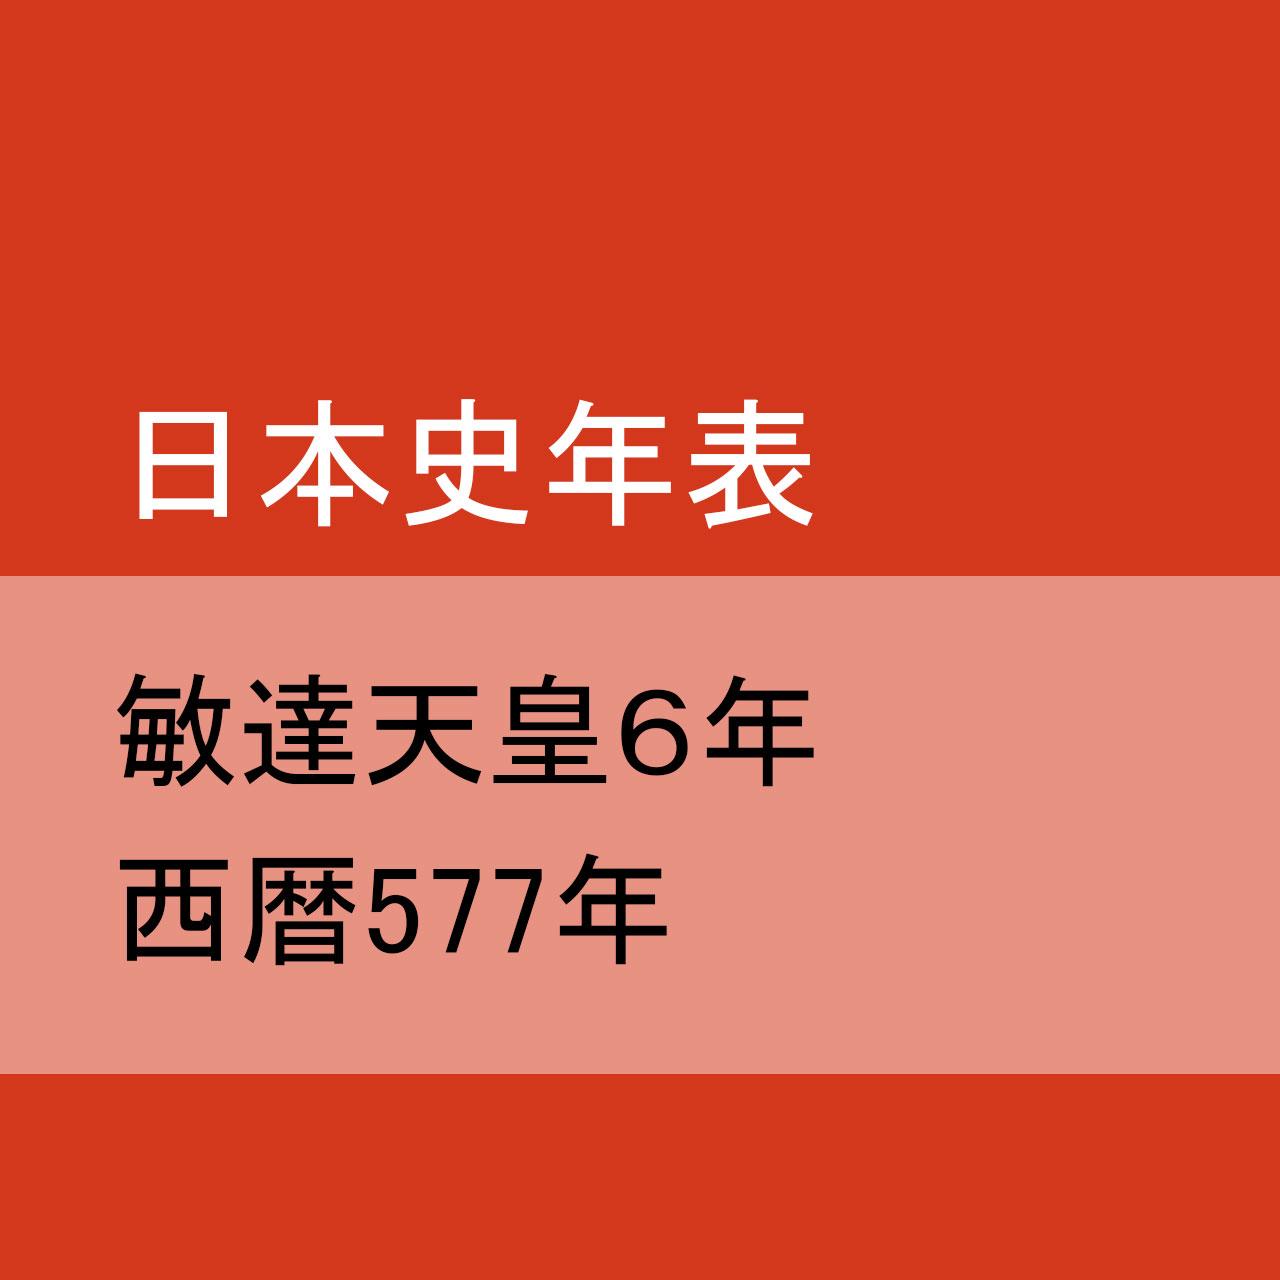 敏達天皇6(577)年